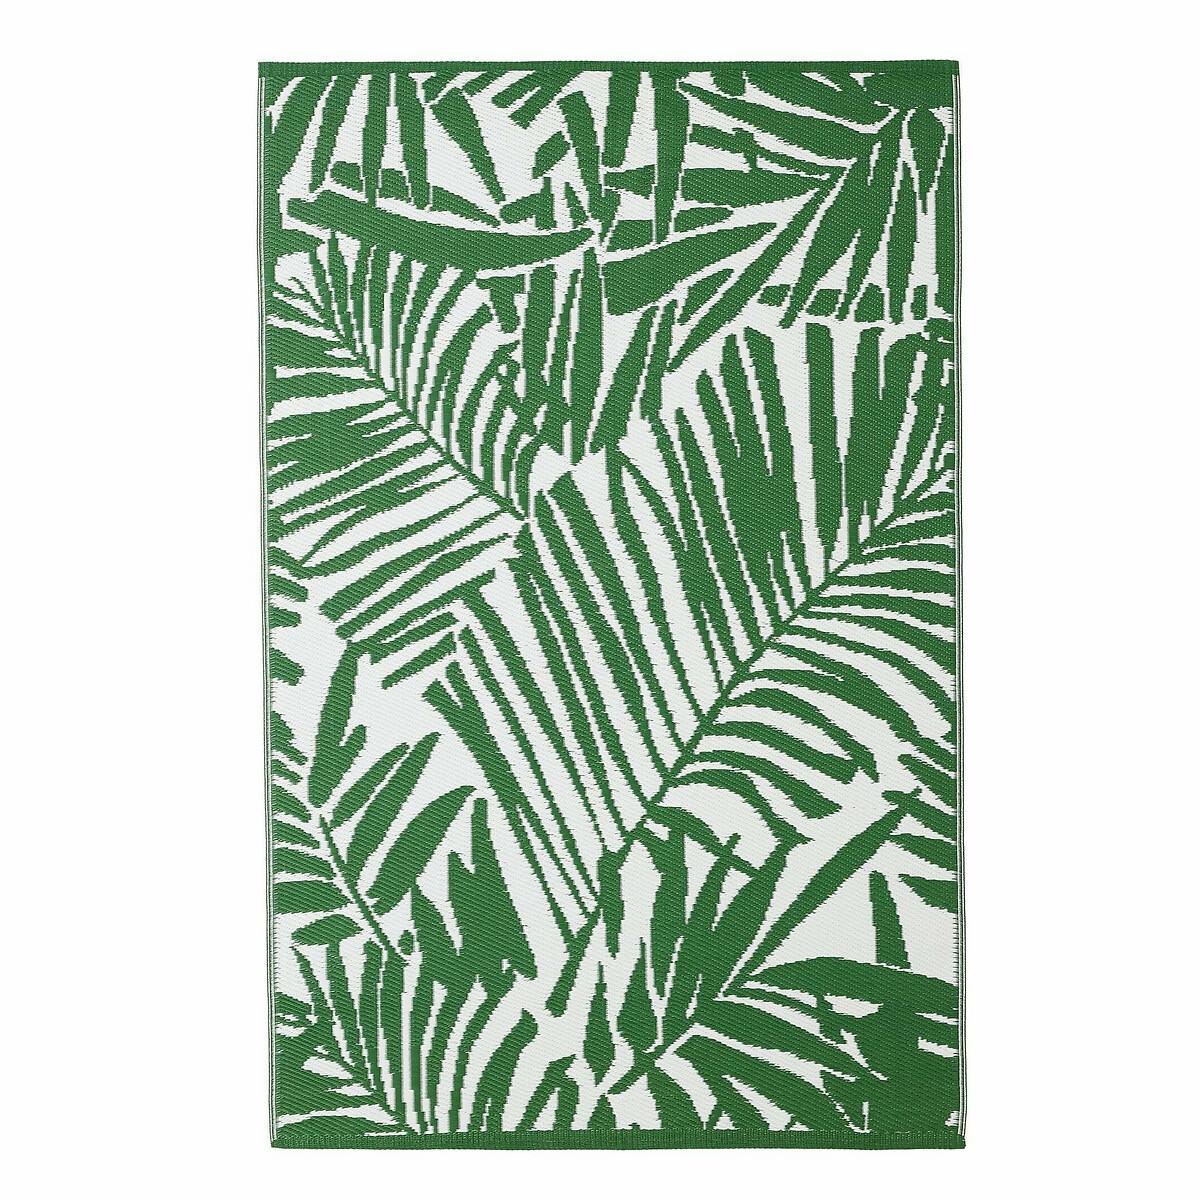 Ковер LaRedoute С рисунком из листьев пальмы IndoorOutdoor Catalpa 180 x 280 см зеленый